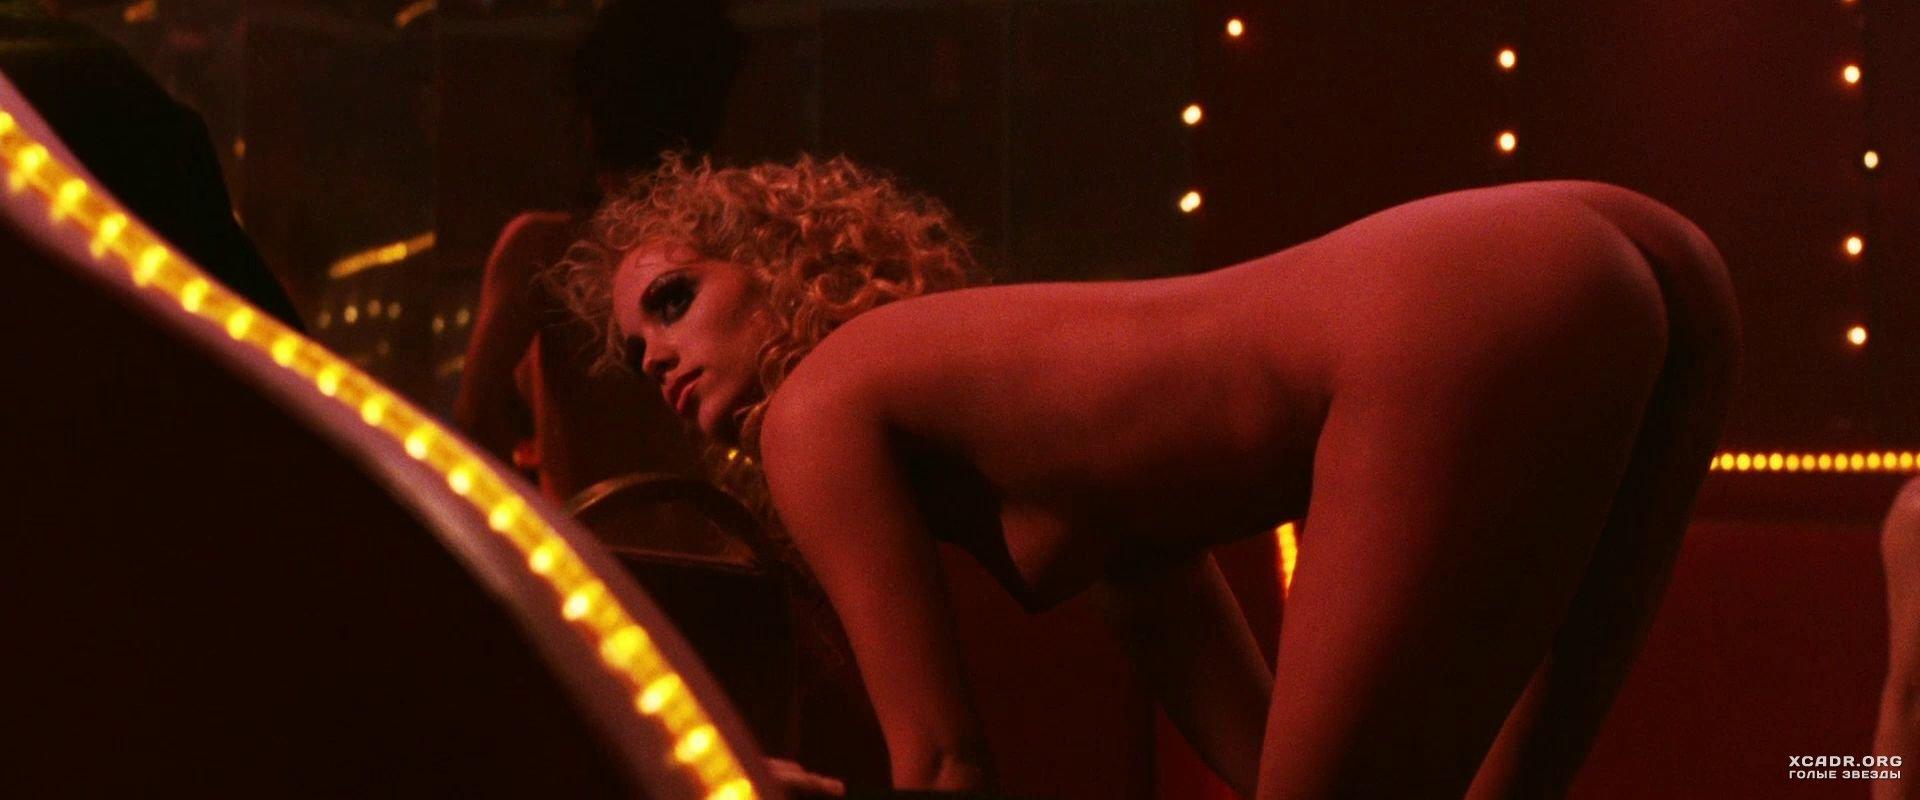 Berkley nude #10